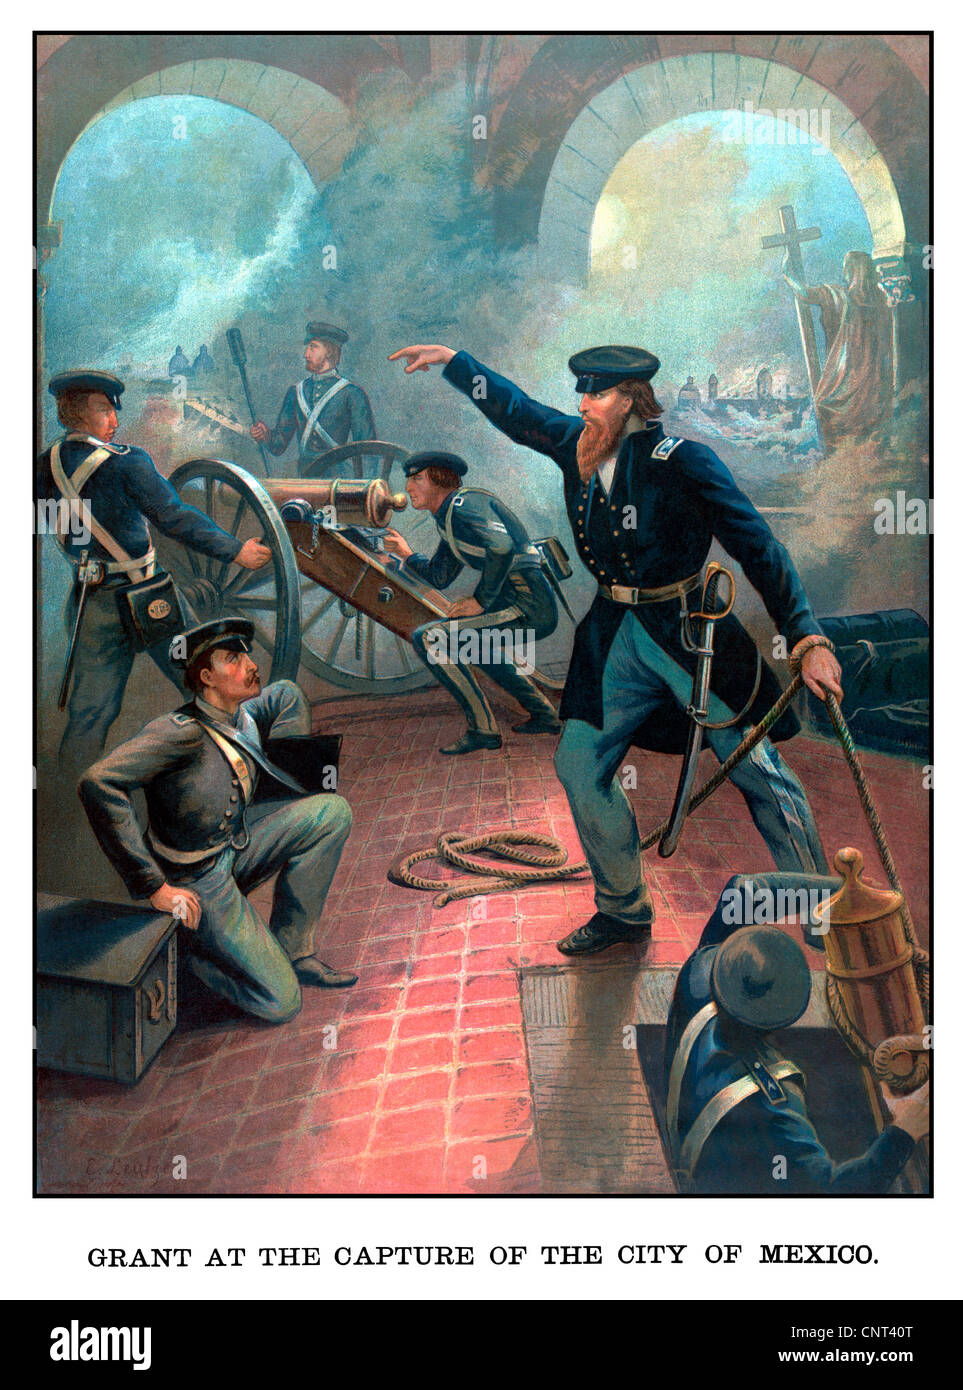 American Vintage poster Histoire de Ulysses S. Grant commandé des troupes pendant la guerre américaine Photo Stock